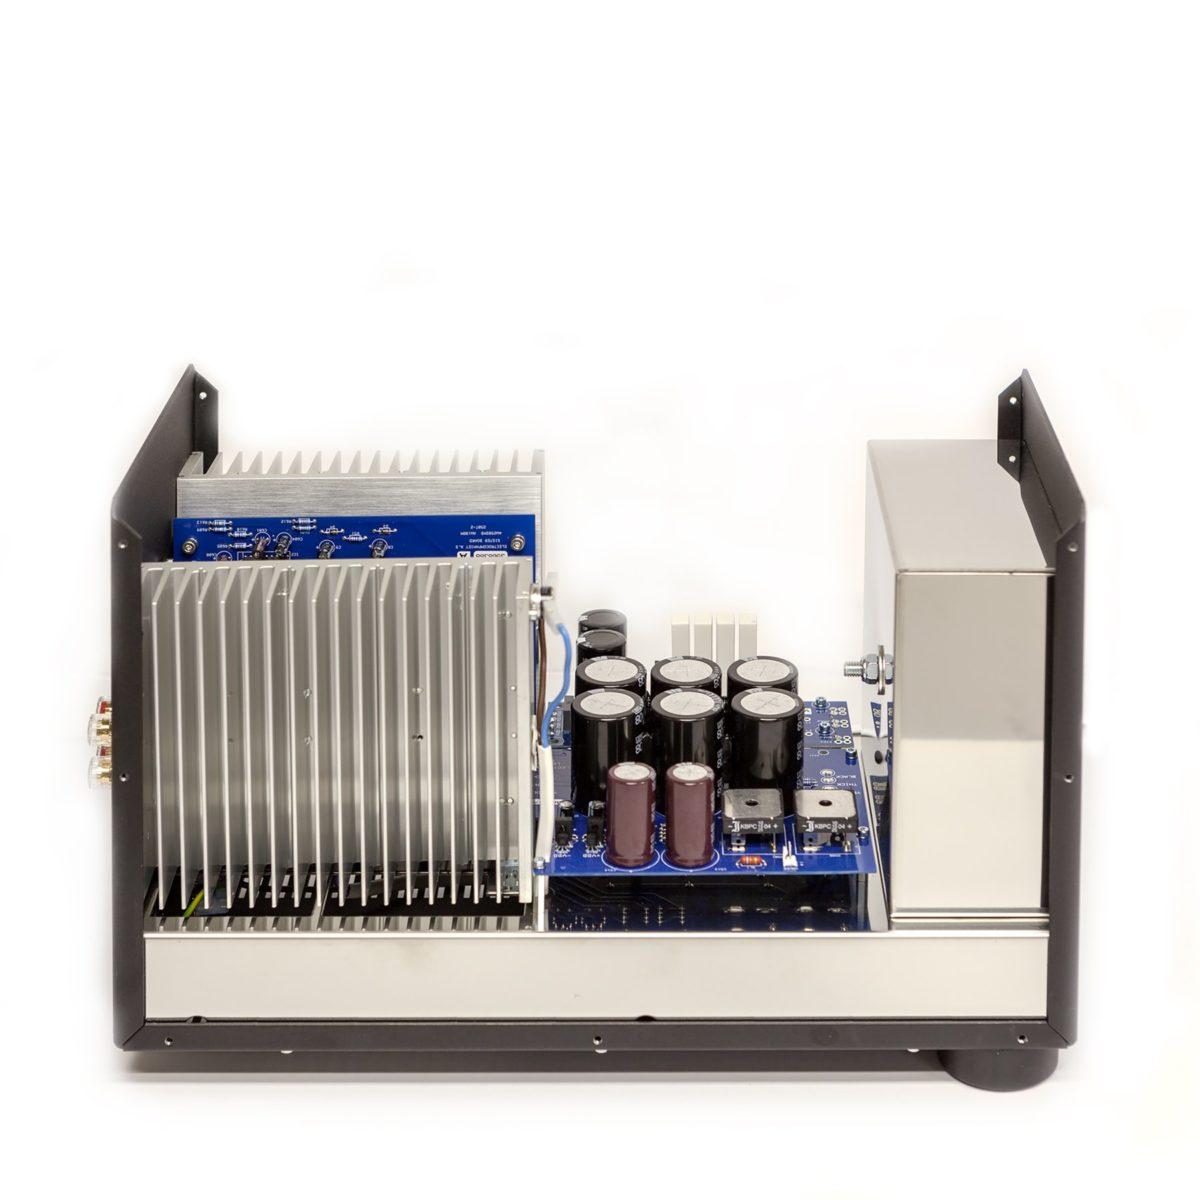 Electrocompaniet_AW180_monoblokk_4 - Professional Audio